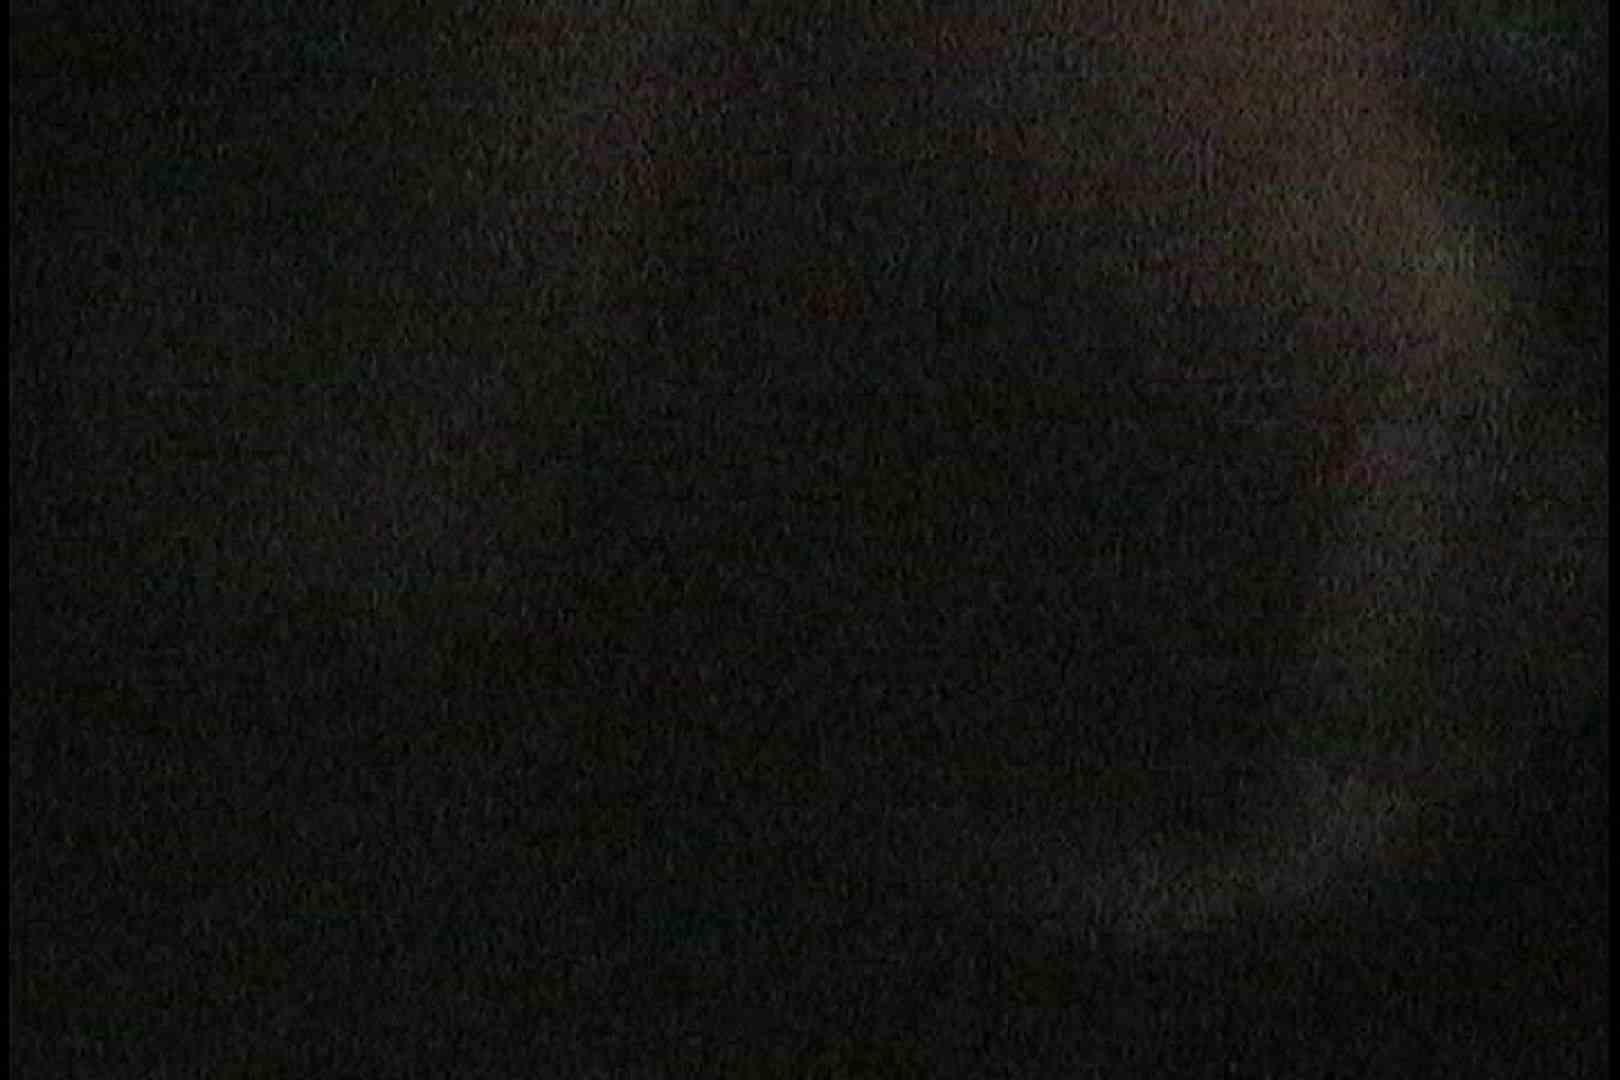 無修正エロ動画|No.95 陰毛のその奥に茎がしっかりと!!|怪盗ジョーカー